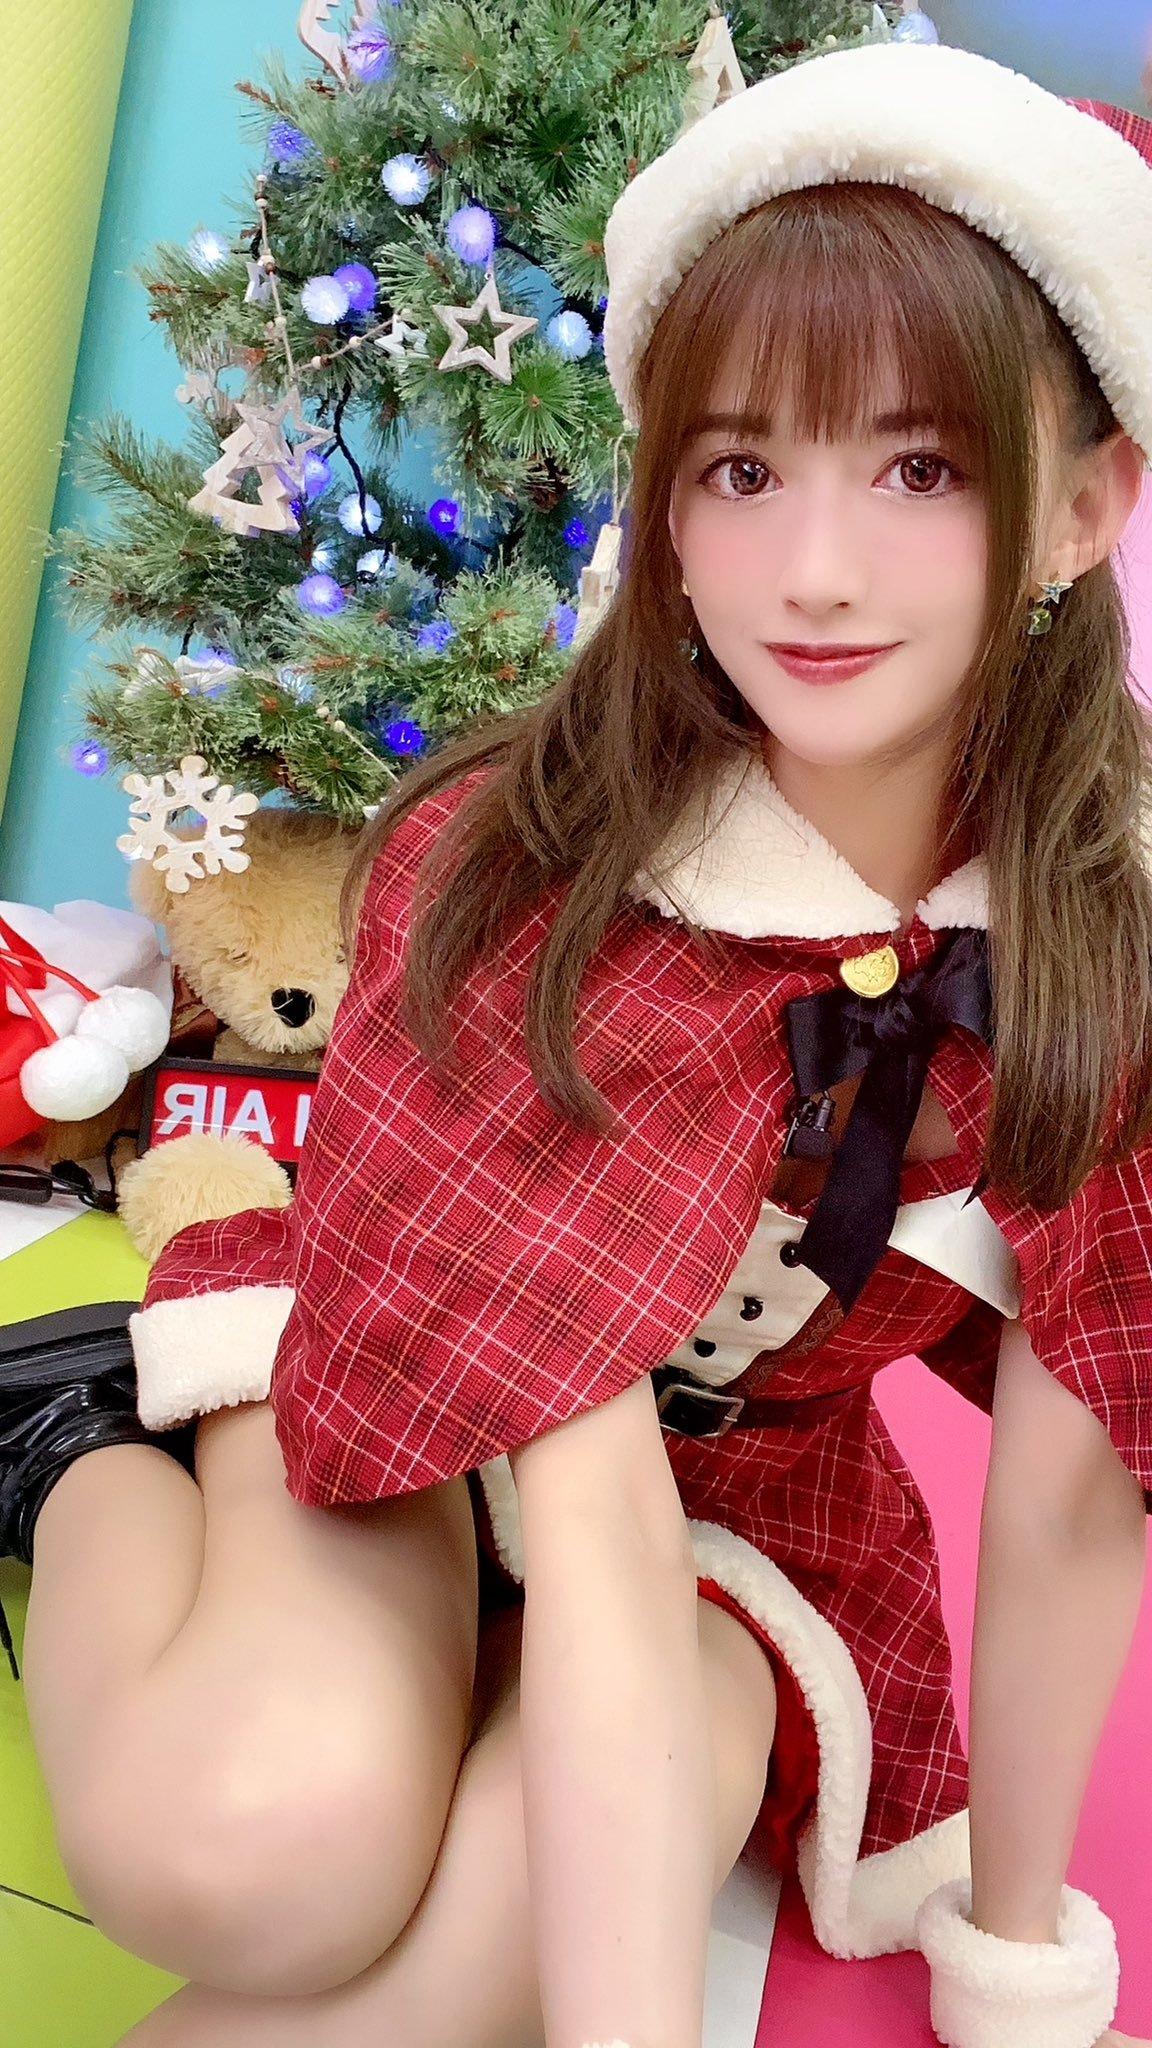 airi_kijima 1342362586726088704_p0